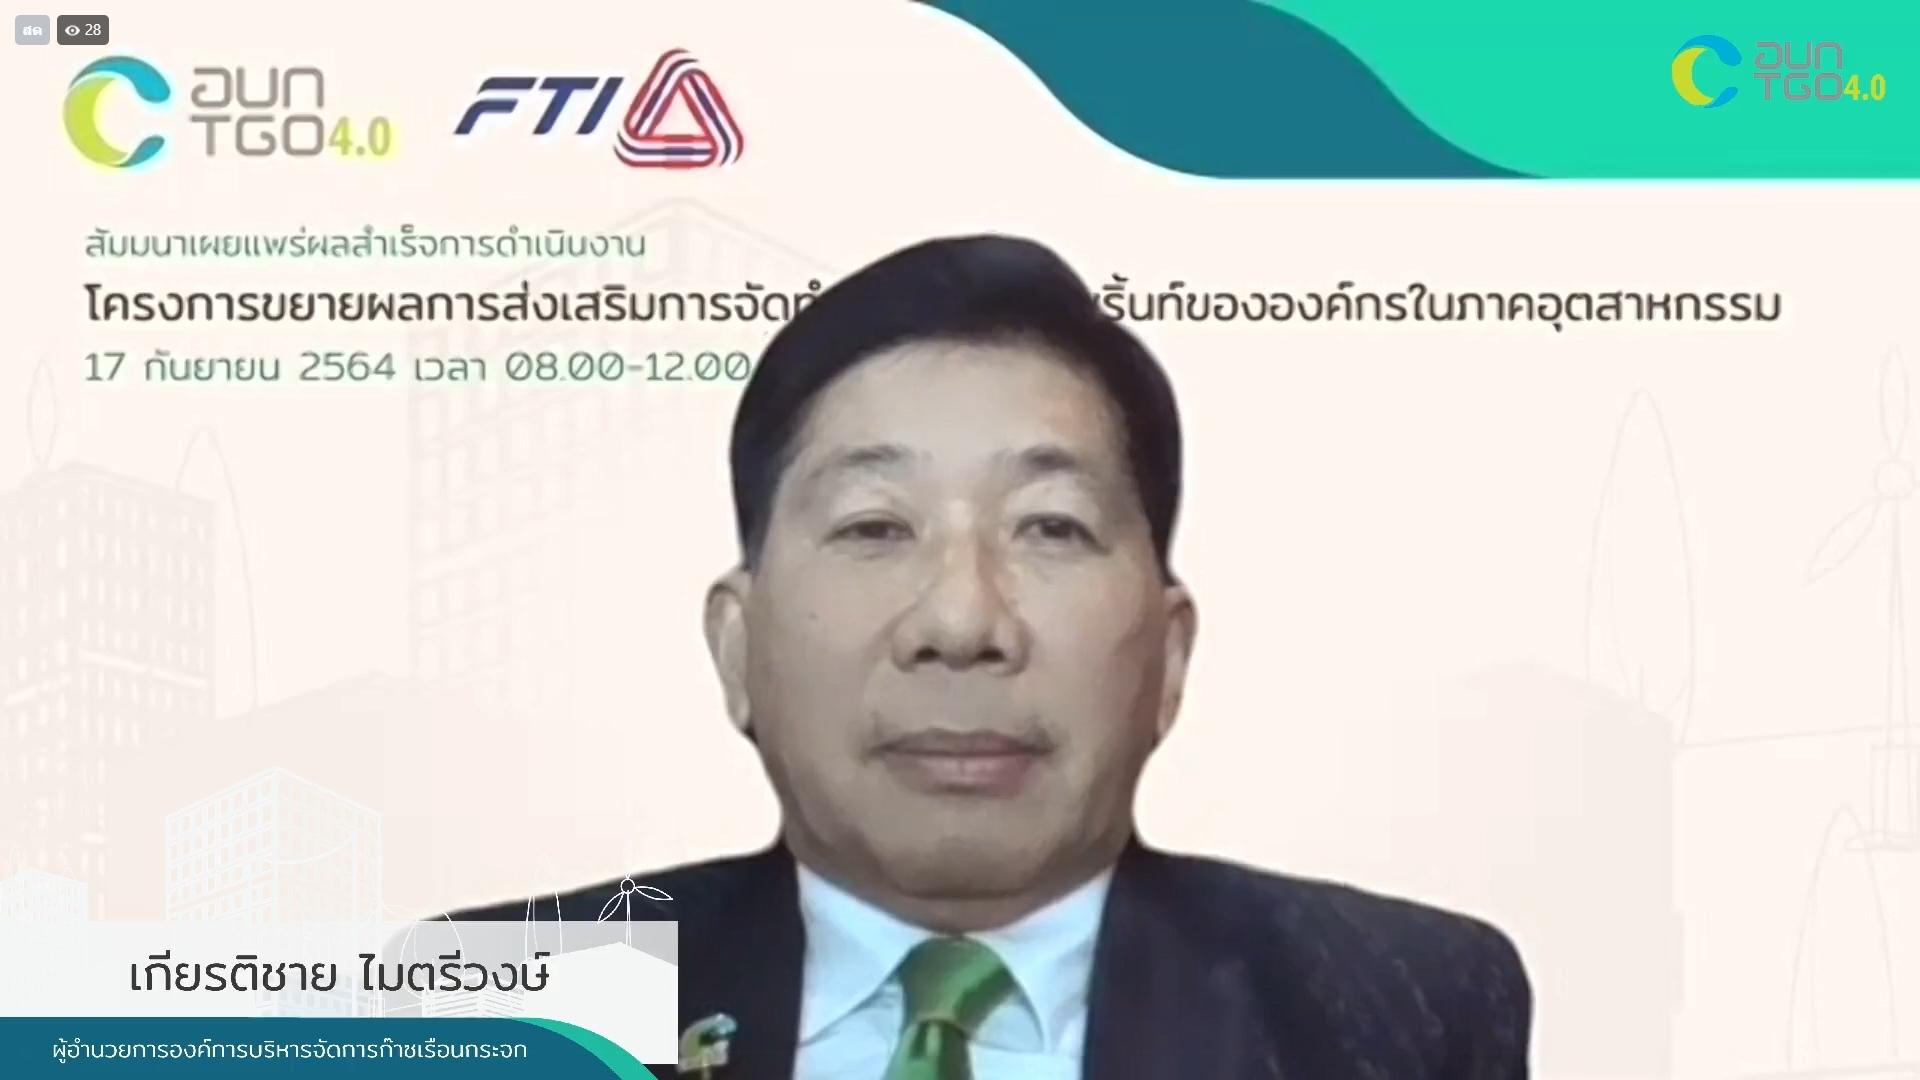 CFO_1